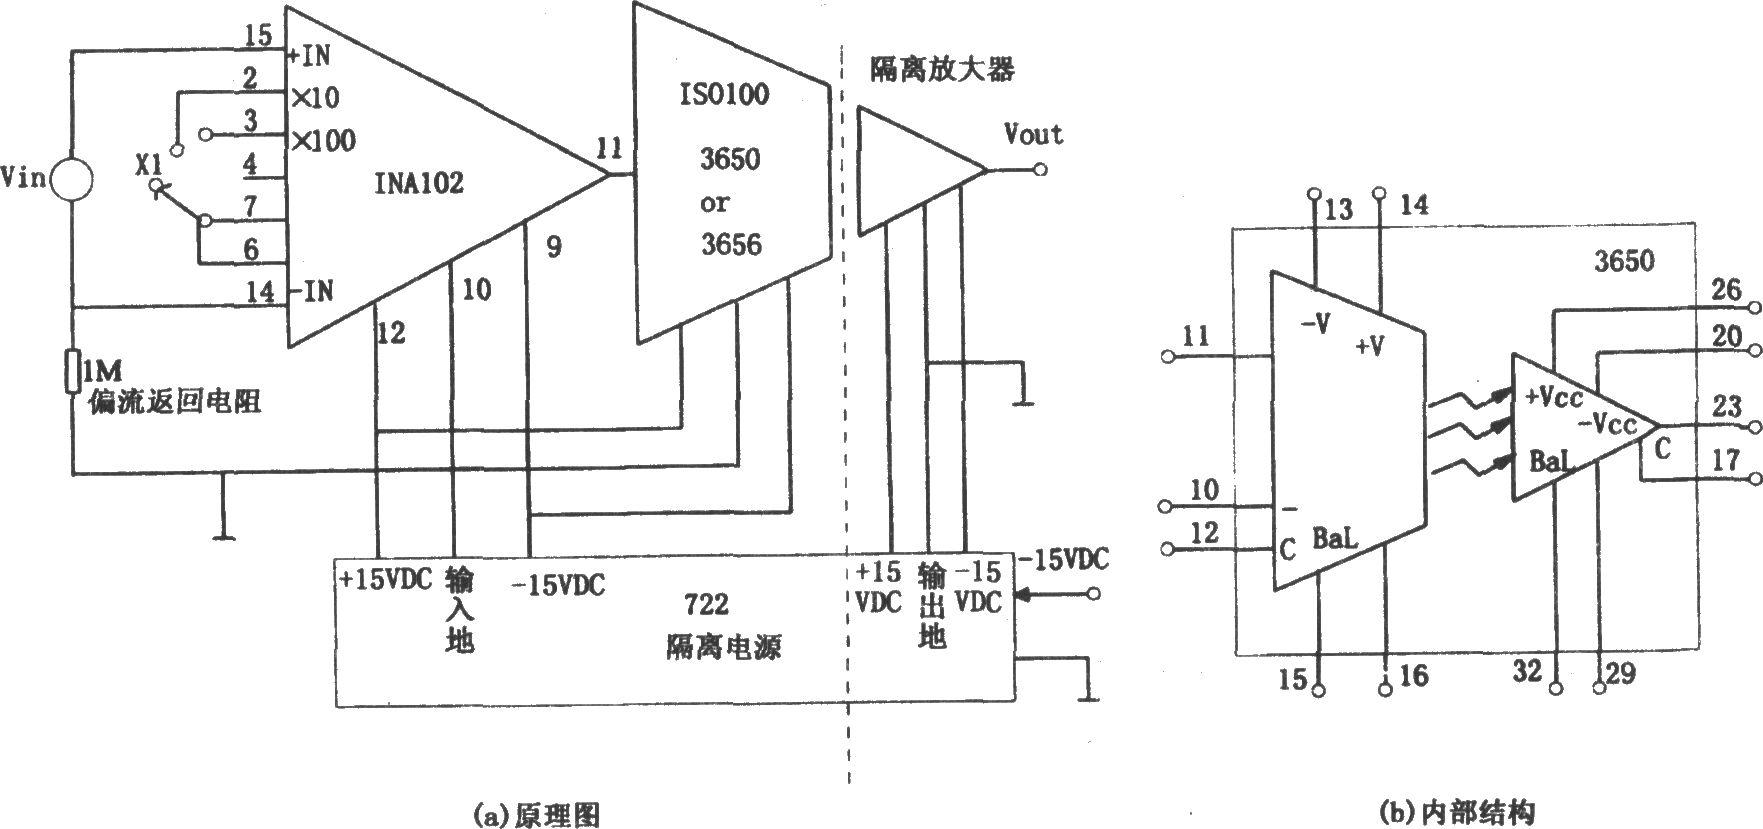 如图所示为精密隔离仪用放大电路.由图可知